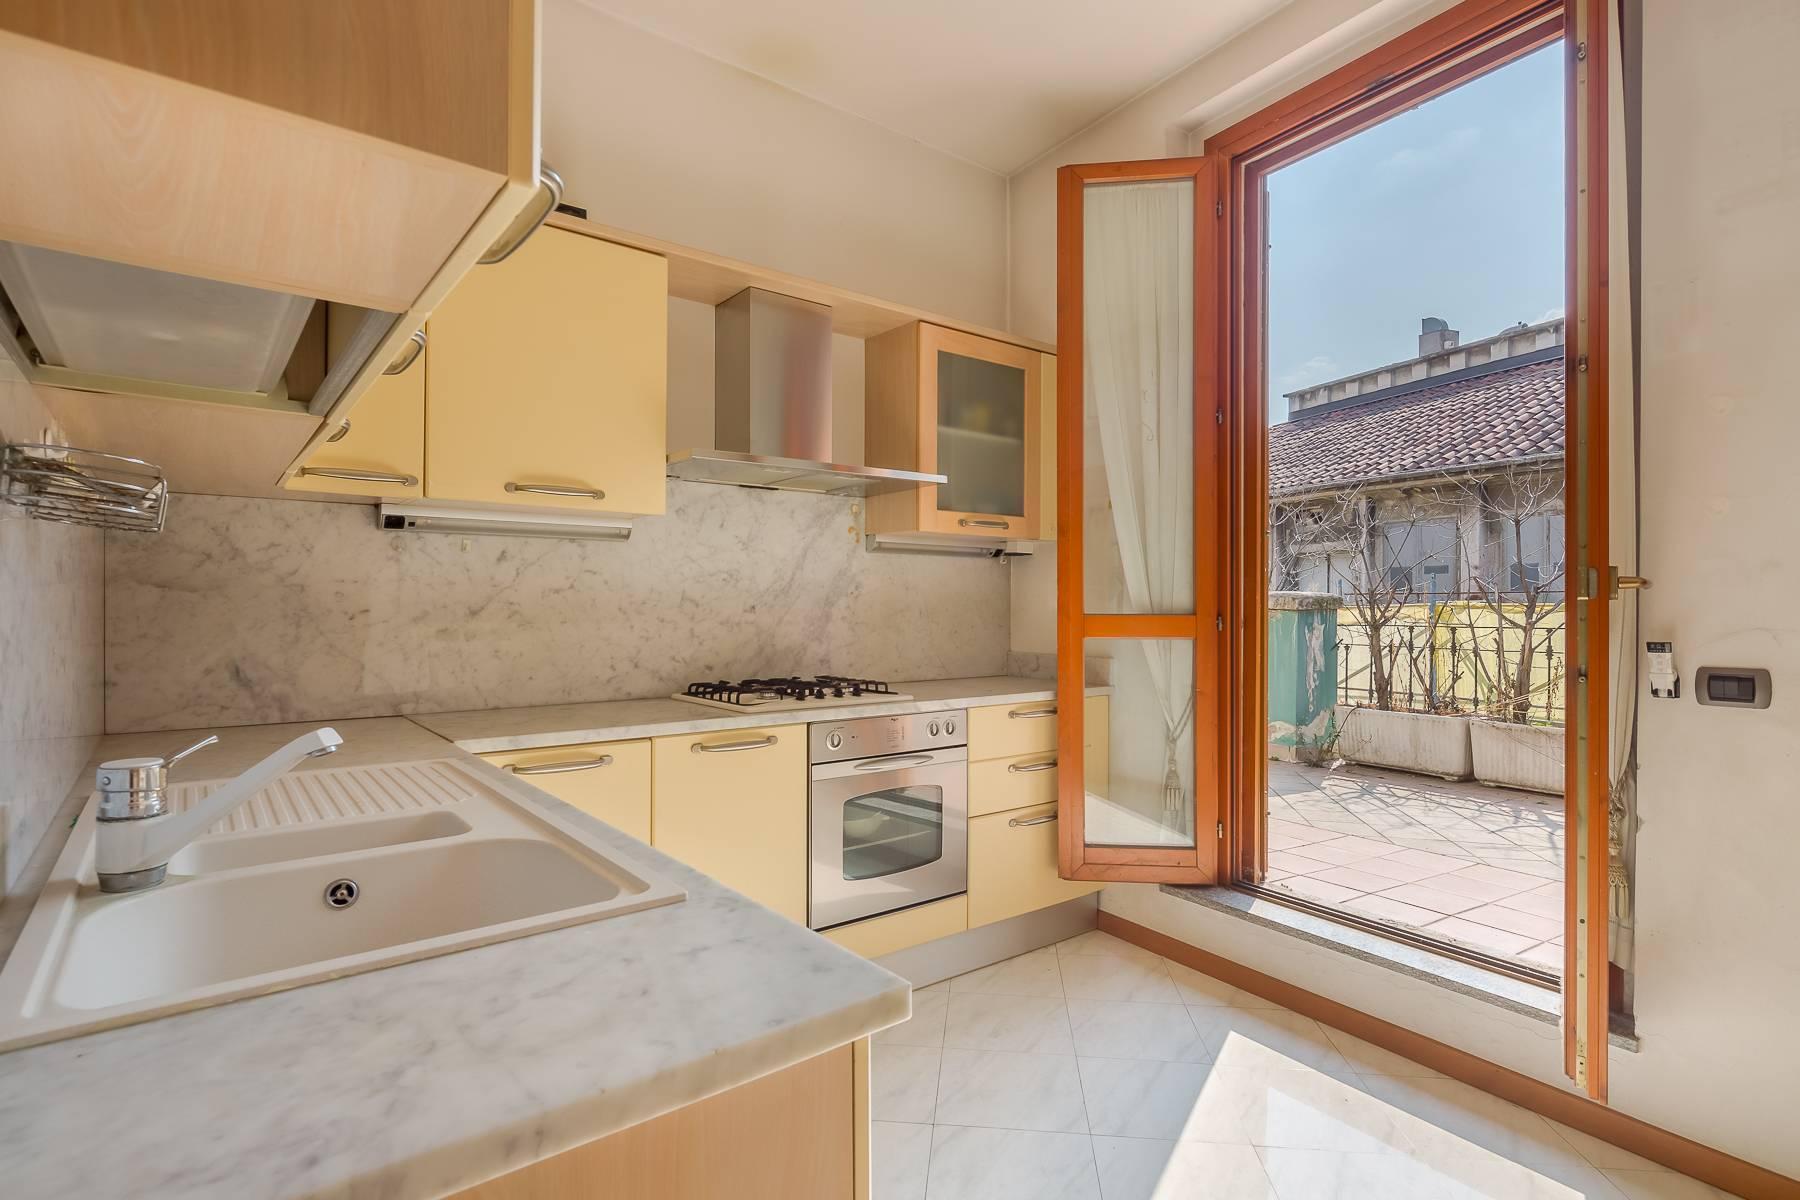 Appartamento di charme con terrazzo a pochi passi dal Duomo - 4